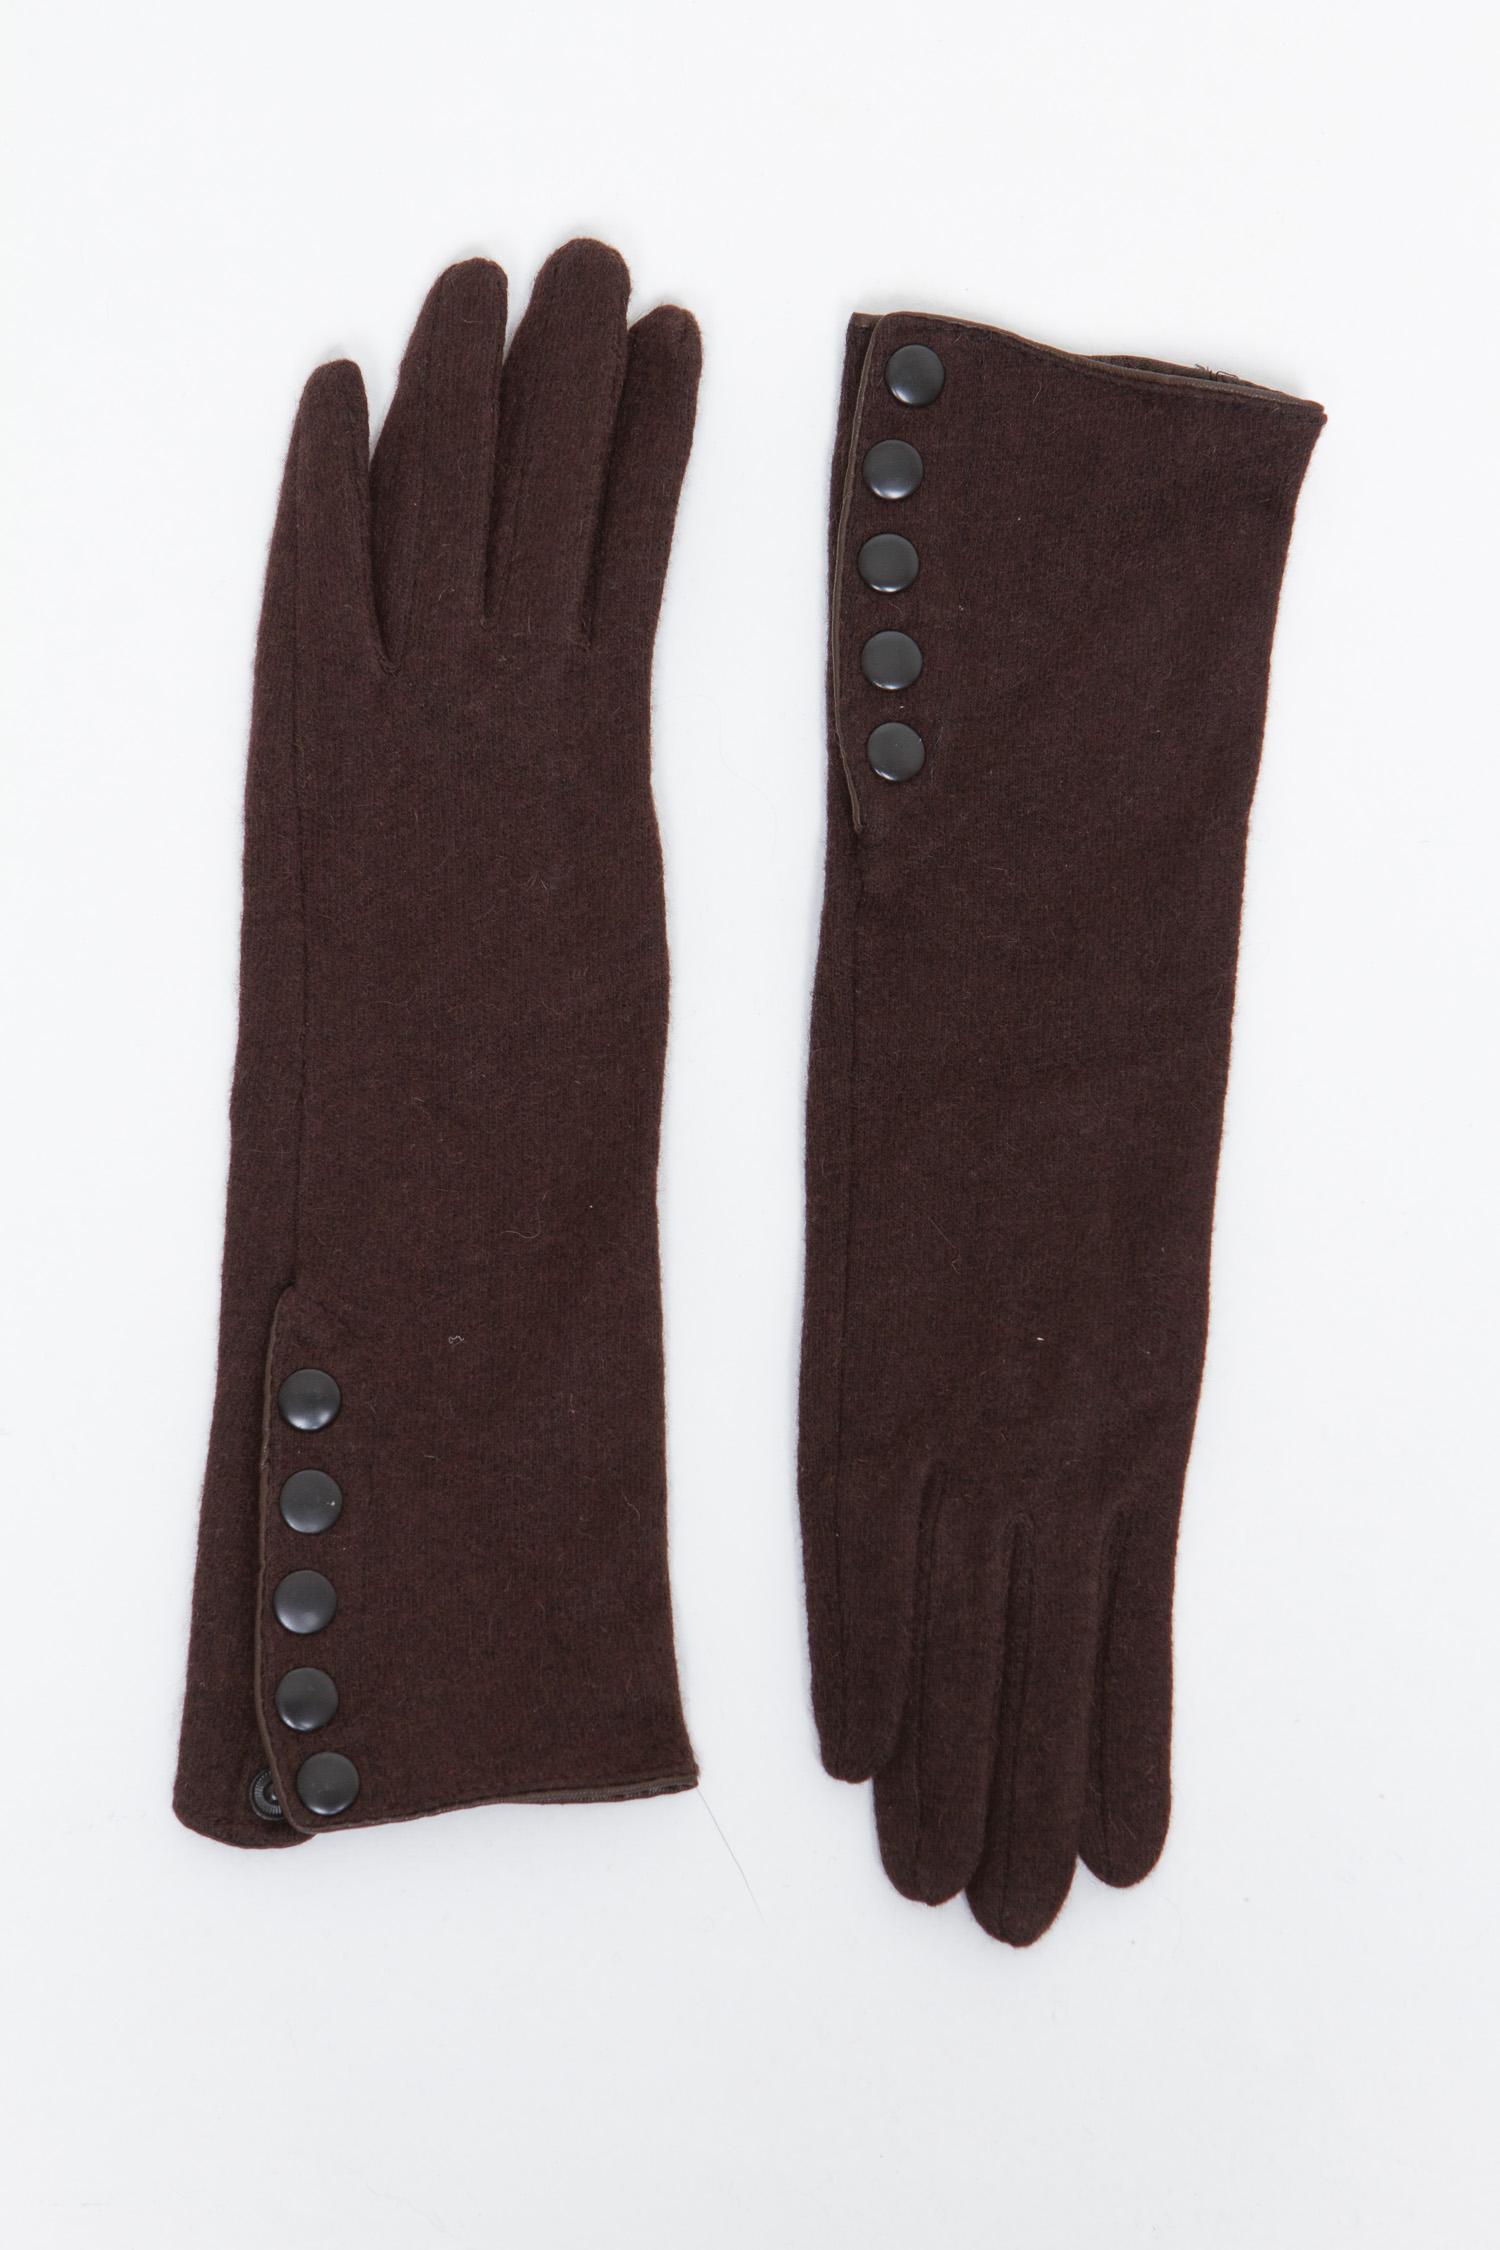 Купить Перчатки женские из текстиля, МОСМЕХА, коричневый, Текстиль, 0100165